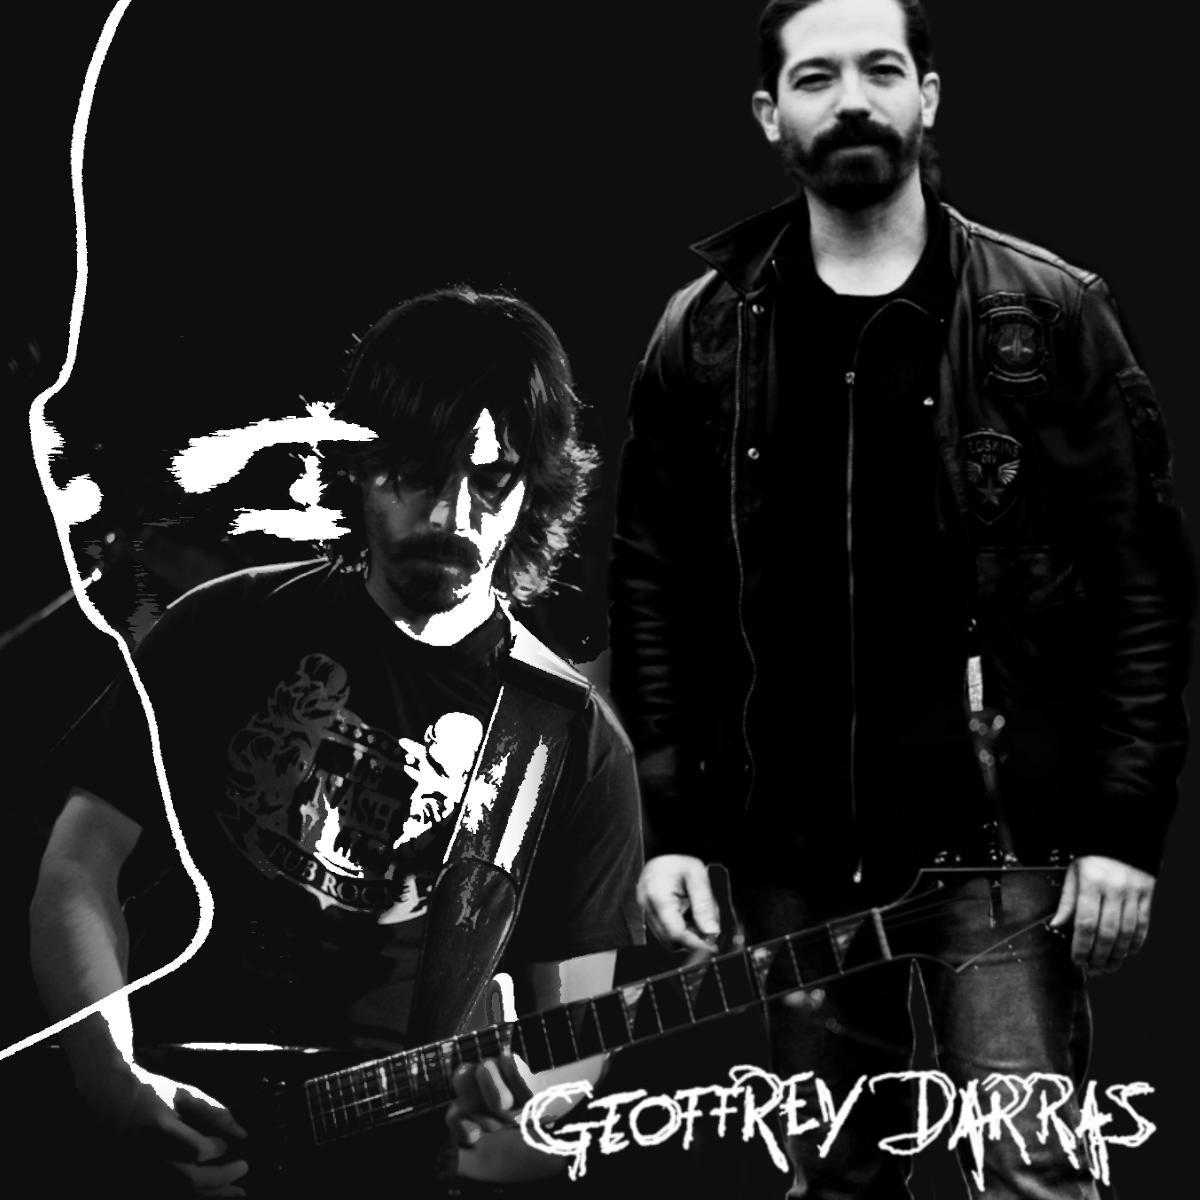 Geoffrey Darras - Guitar & Vocals